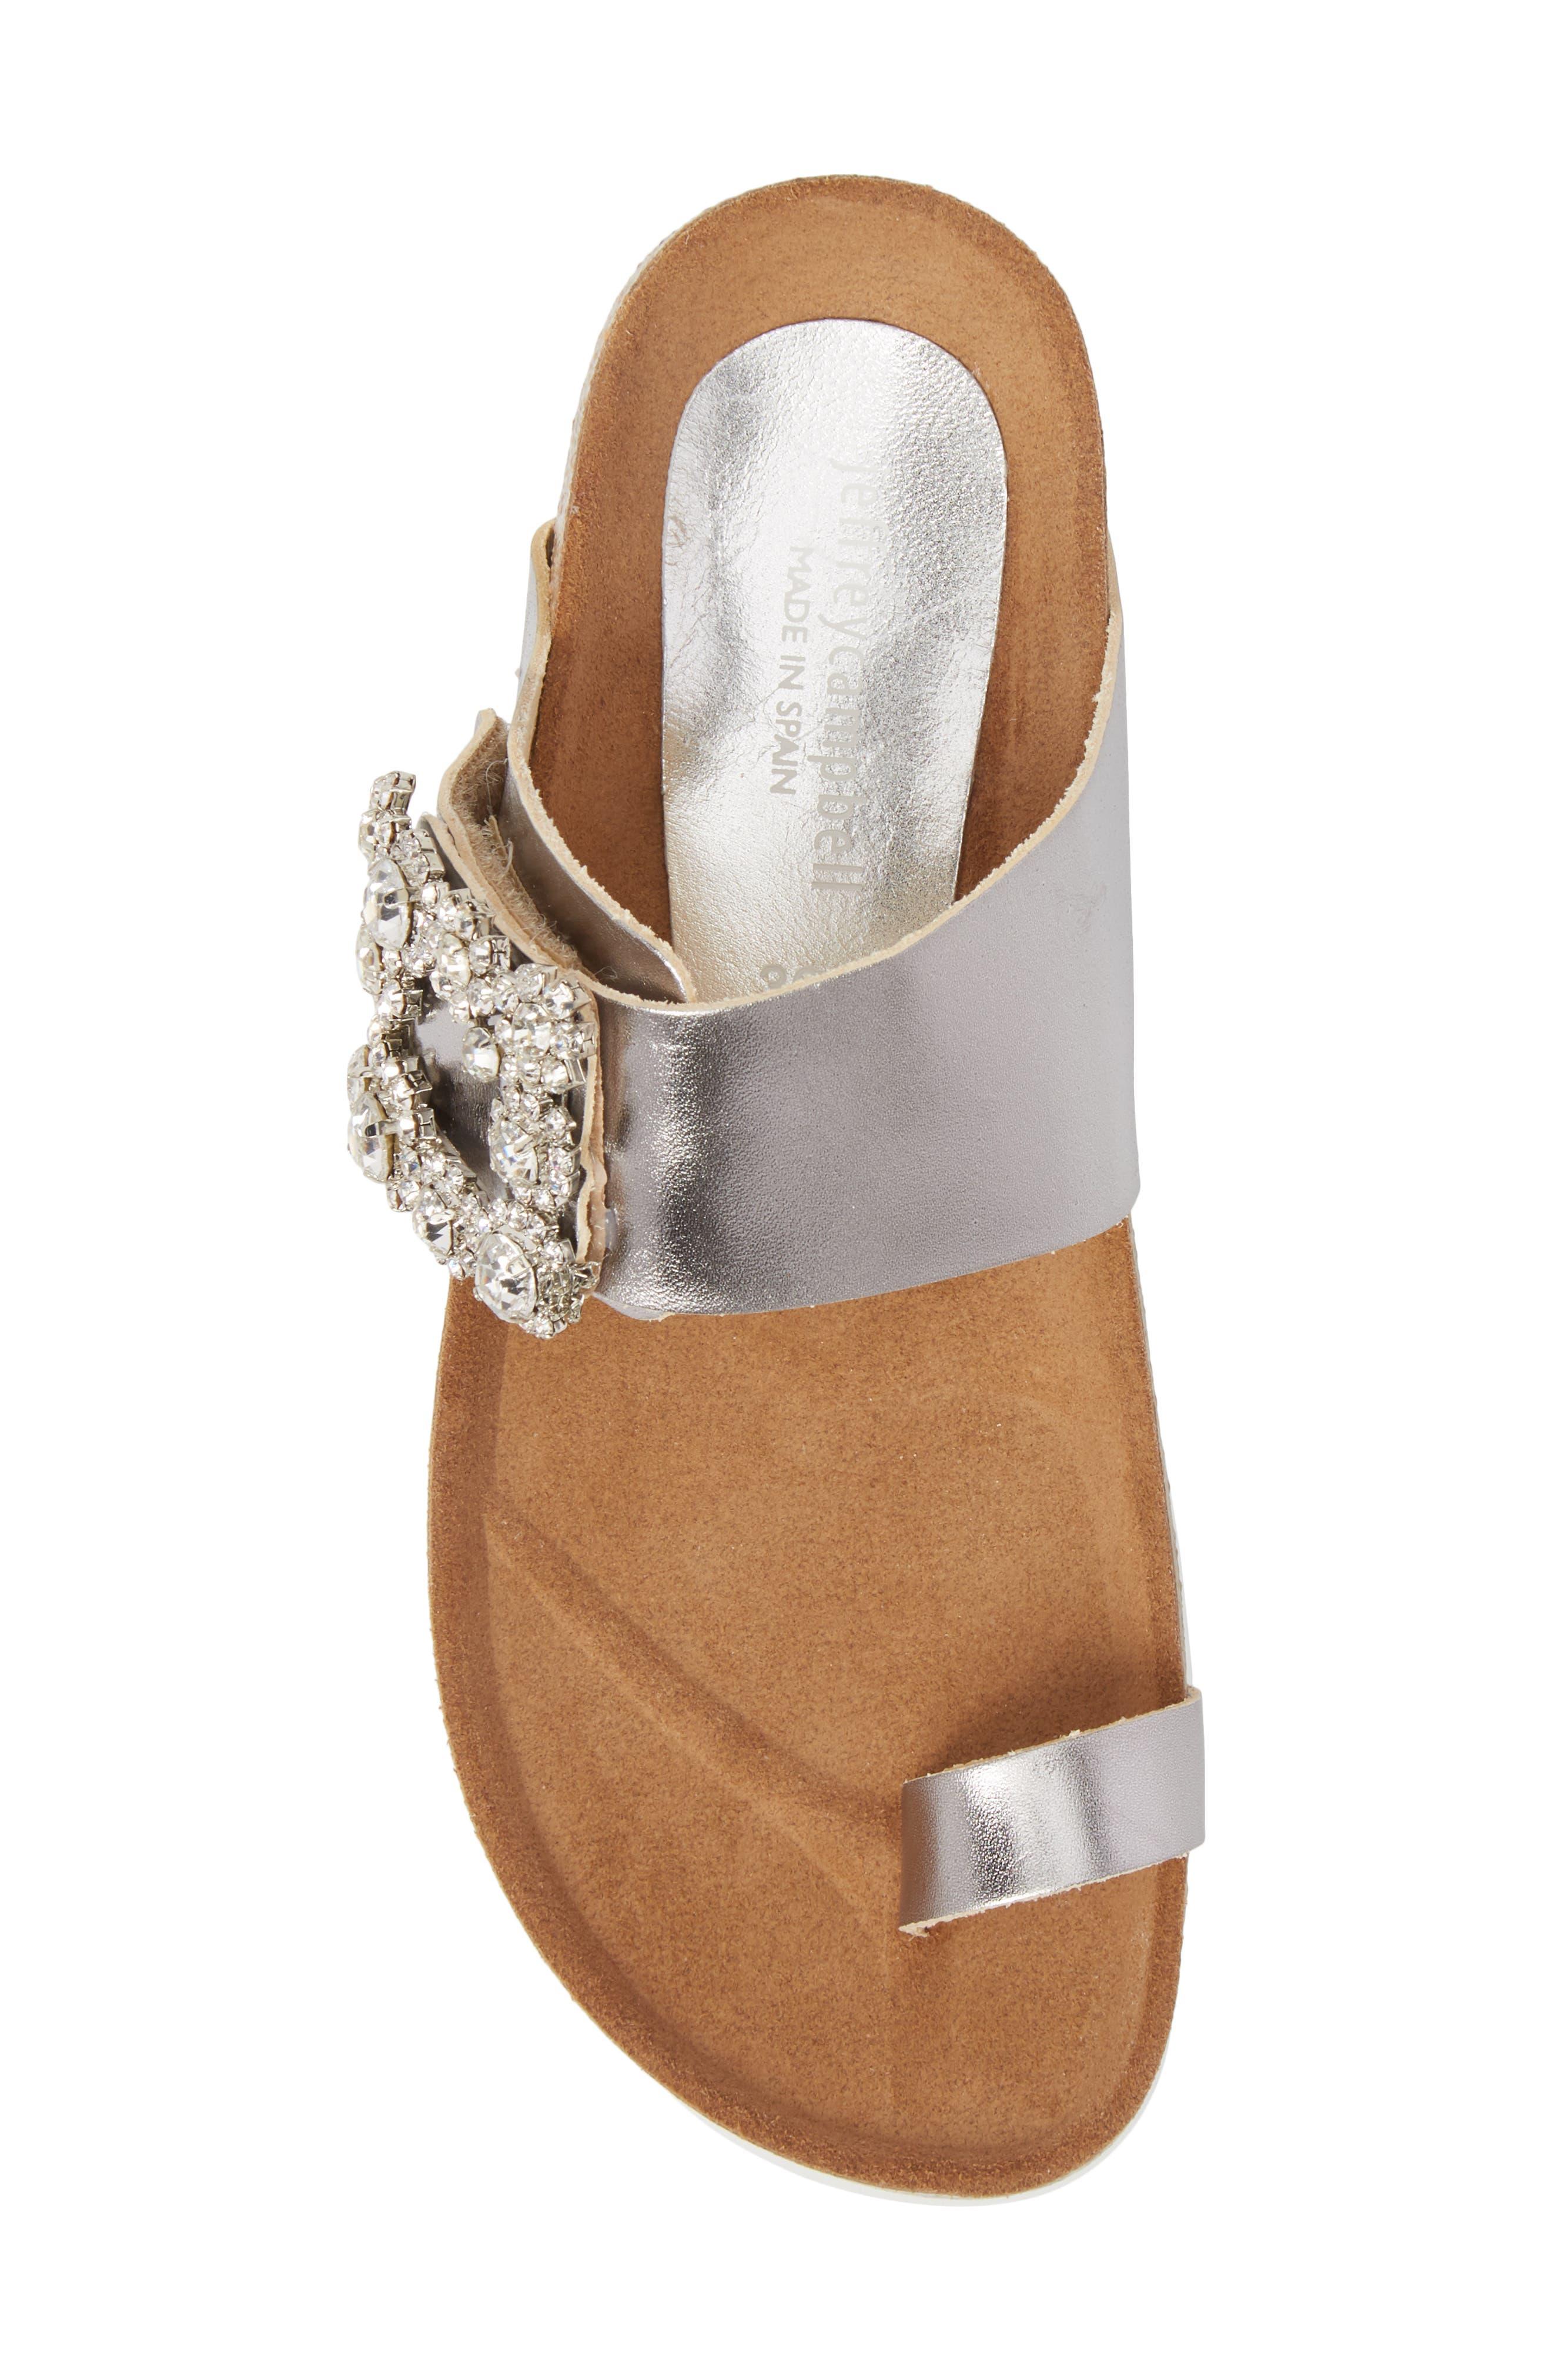 Bianca Embellished Slide Sandal,                             Alternate thumbnail 5, color,                             048